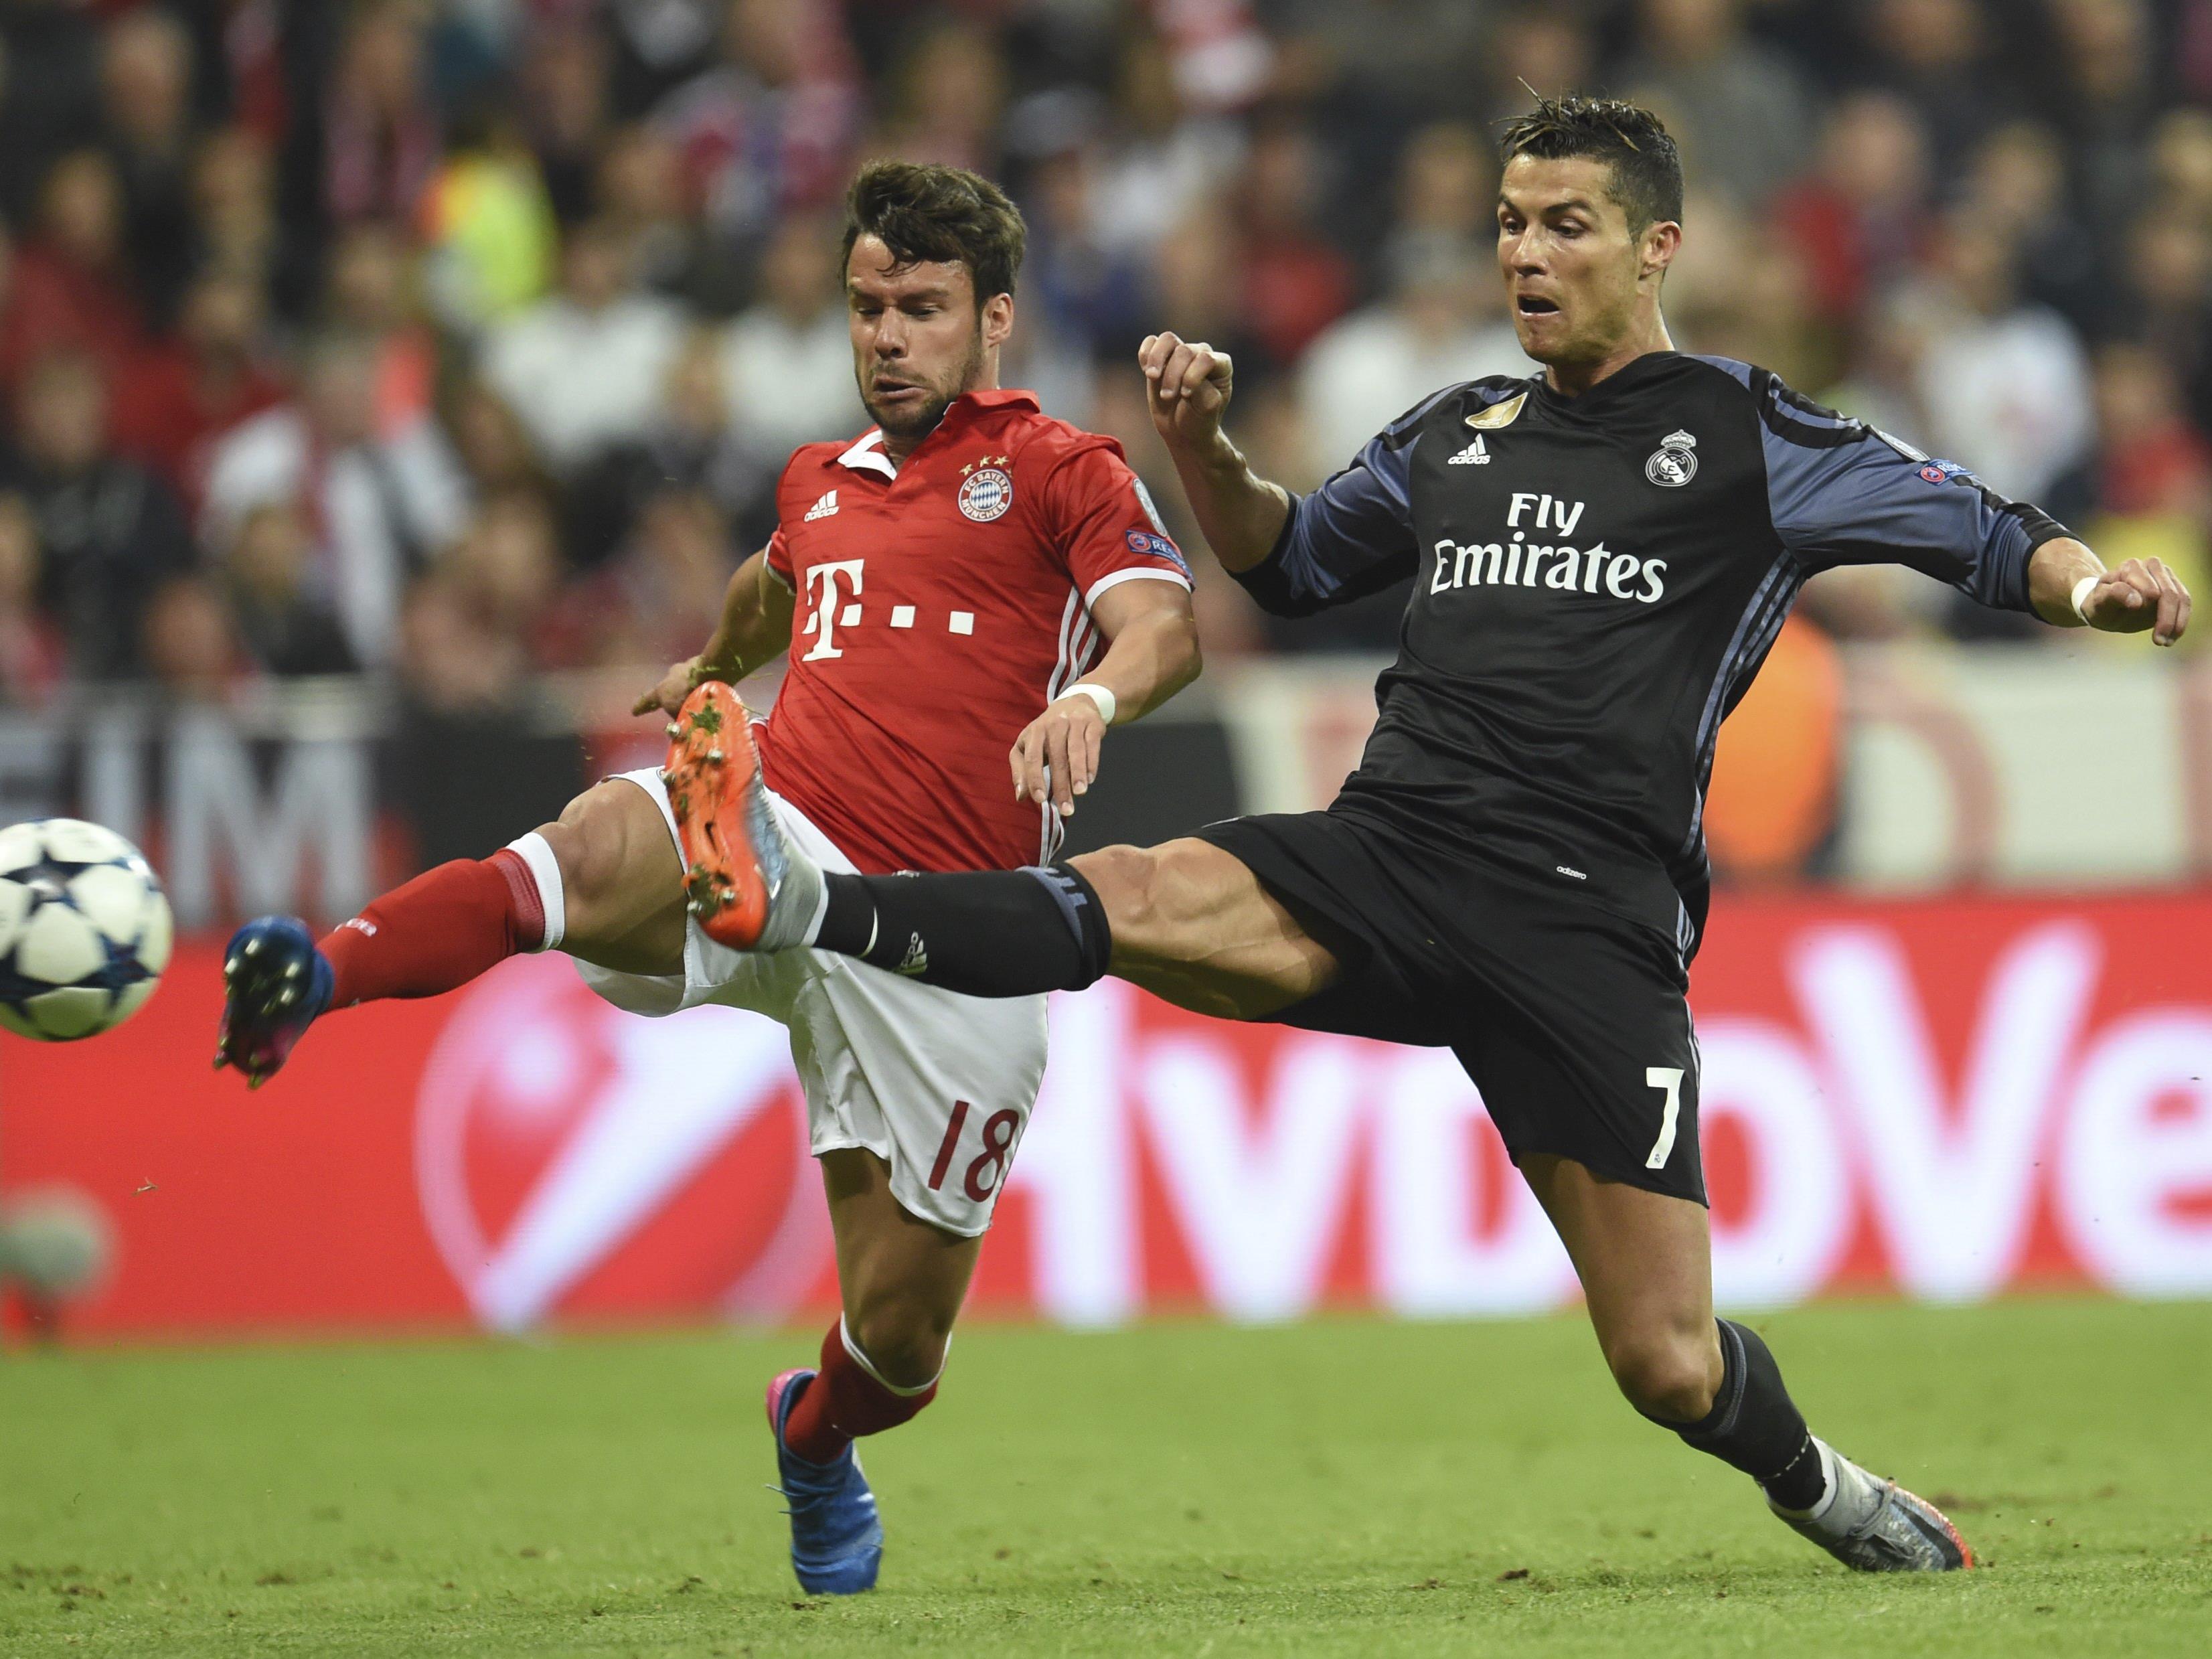 Real Madrid und Bayern München spielen am Dienstag im Bernabéu-Stadion um ein Ticket im Viertelfinale der Champions League.